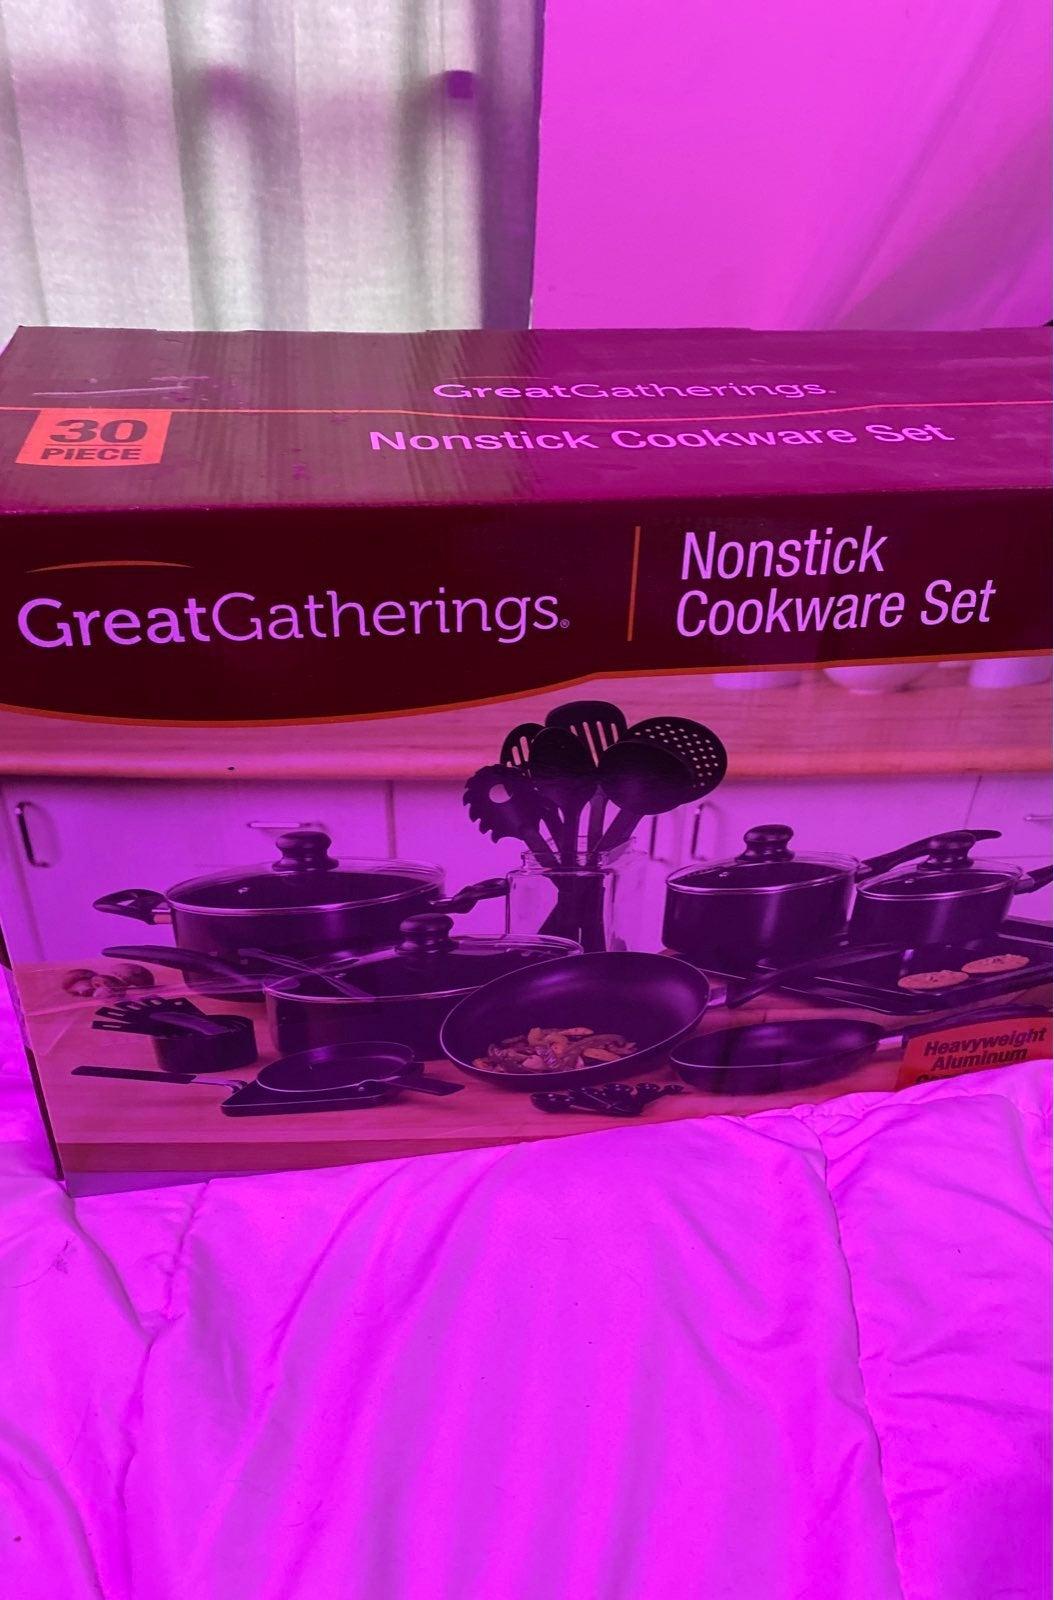 30 piece nonstick cookware set